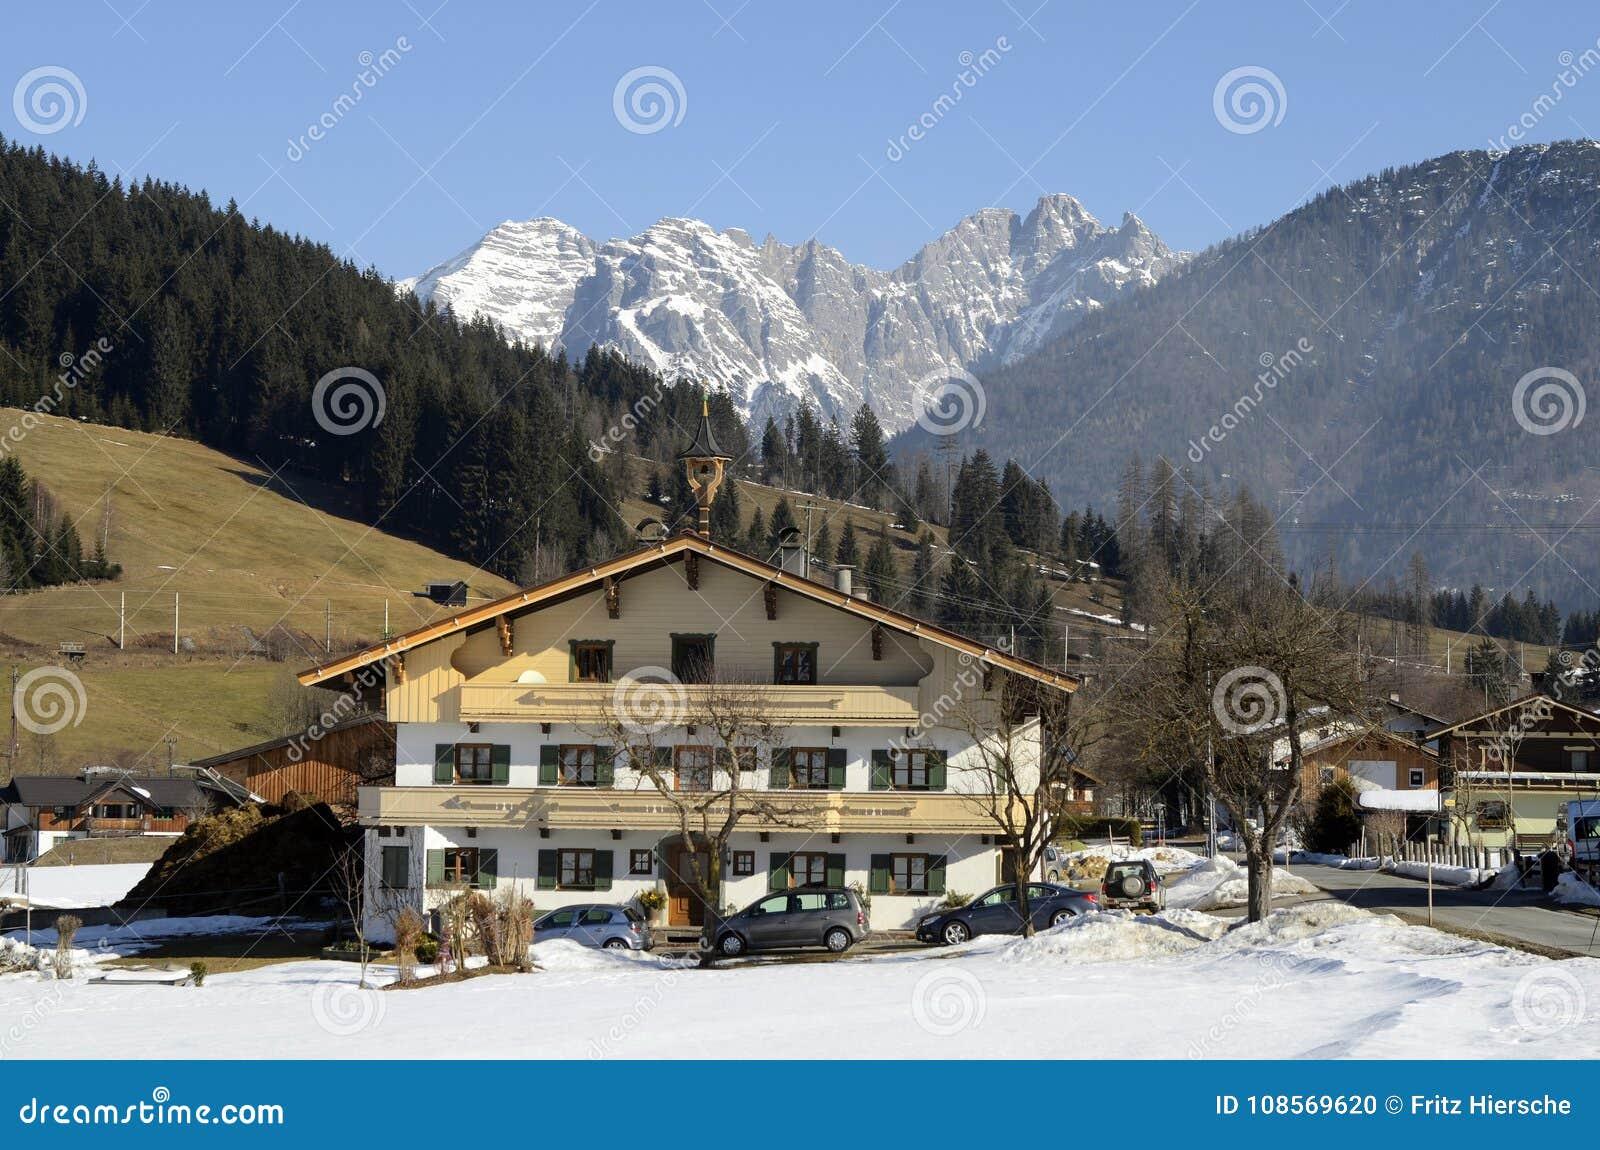 Austria, Tirol, farm house in mountain village